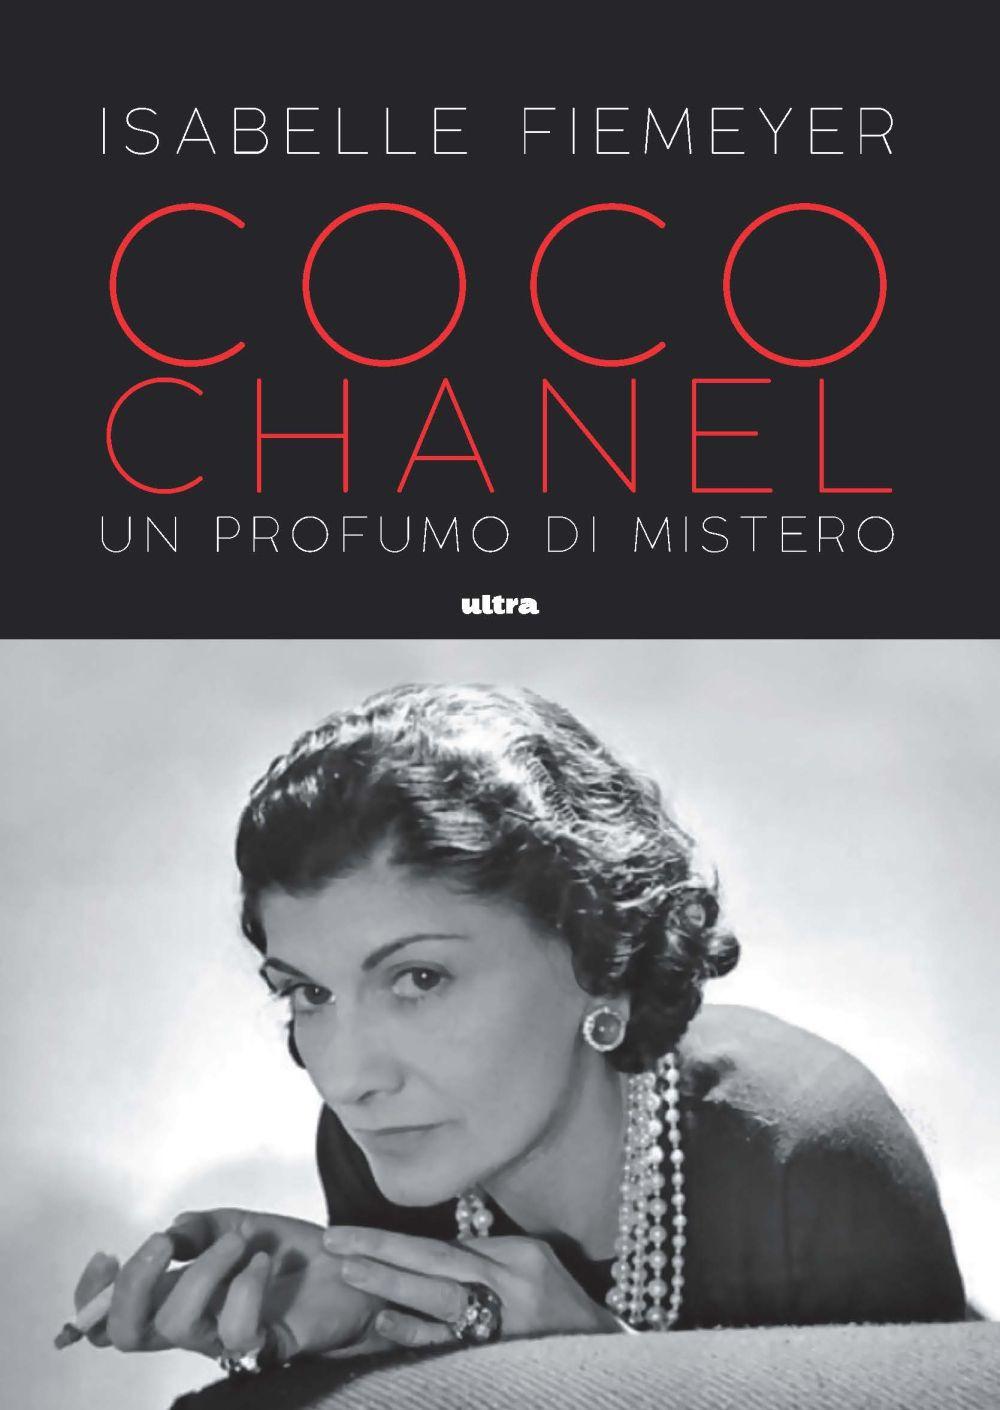 COCO CHANEL. UN PROFUMO DI MISTERO - 9788892780330